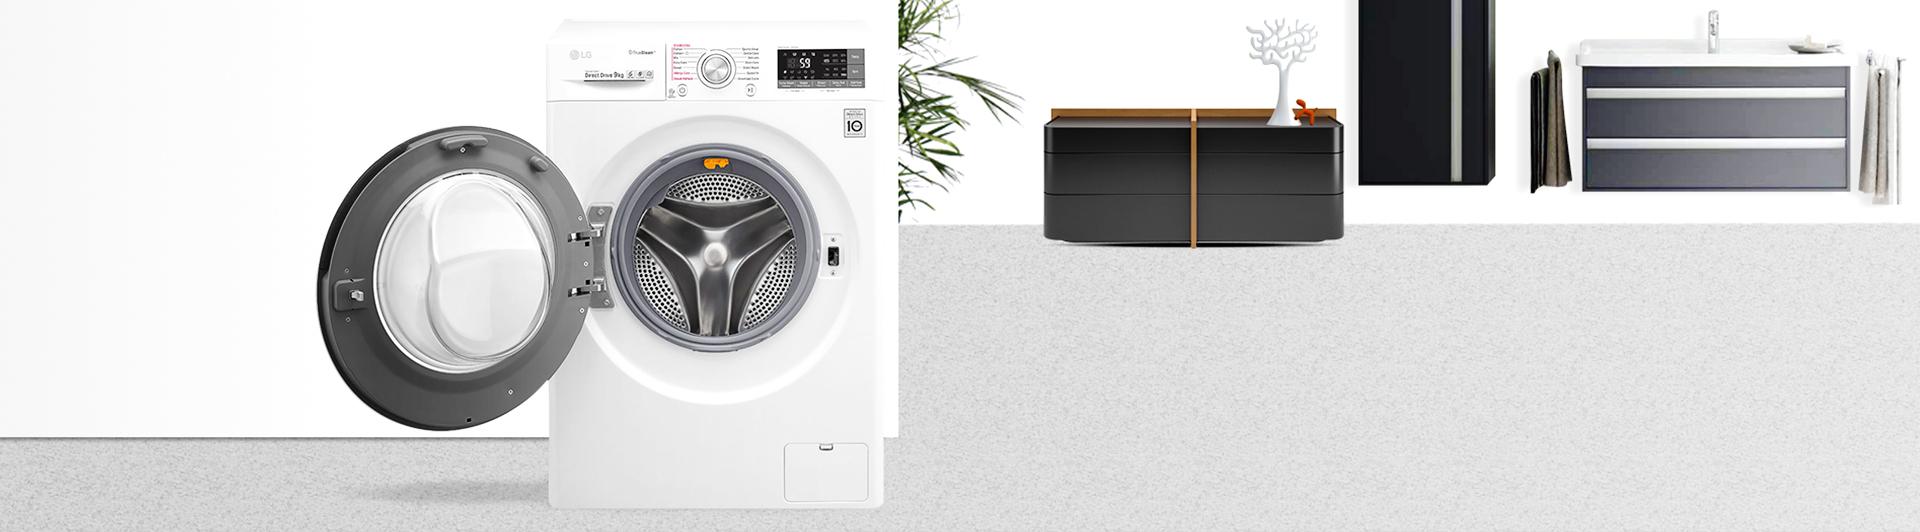 Máy giặt LG 9KG FC1409S2W cửa trước hiện đại, độc đáo